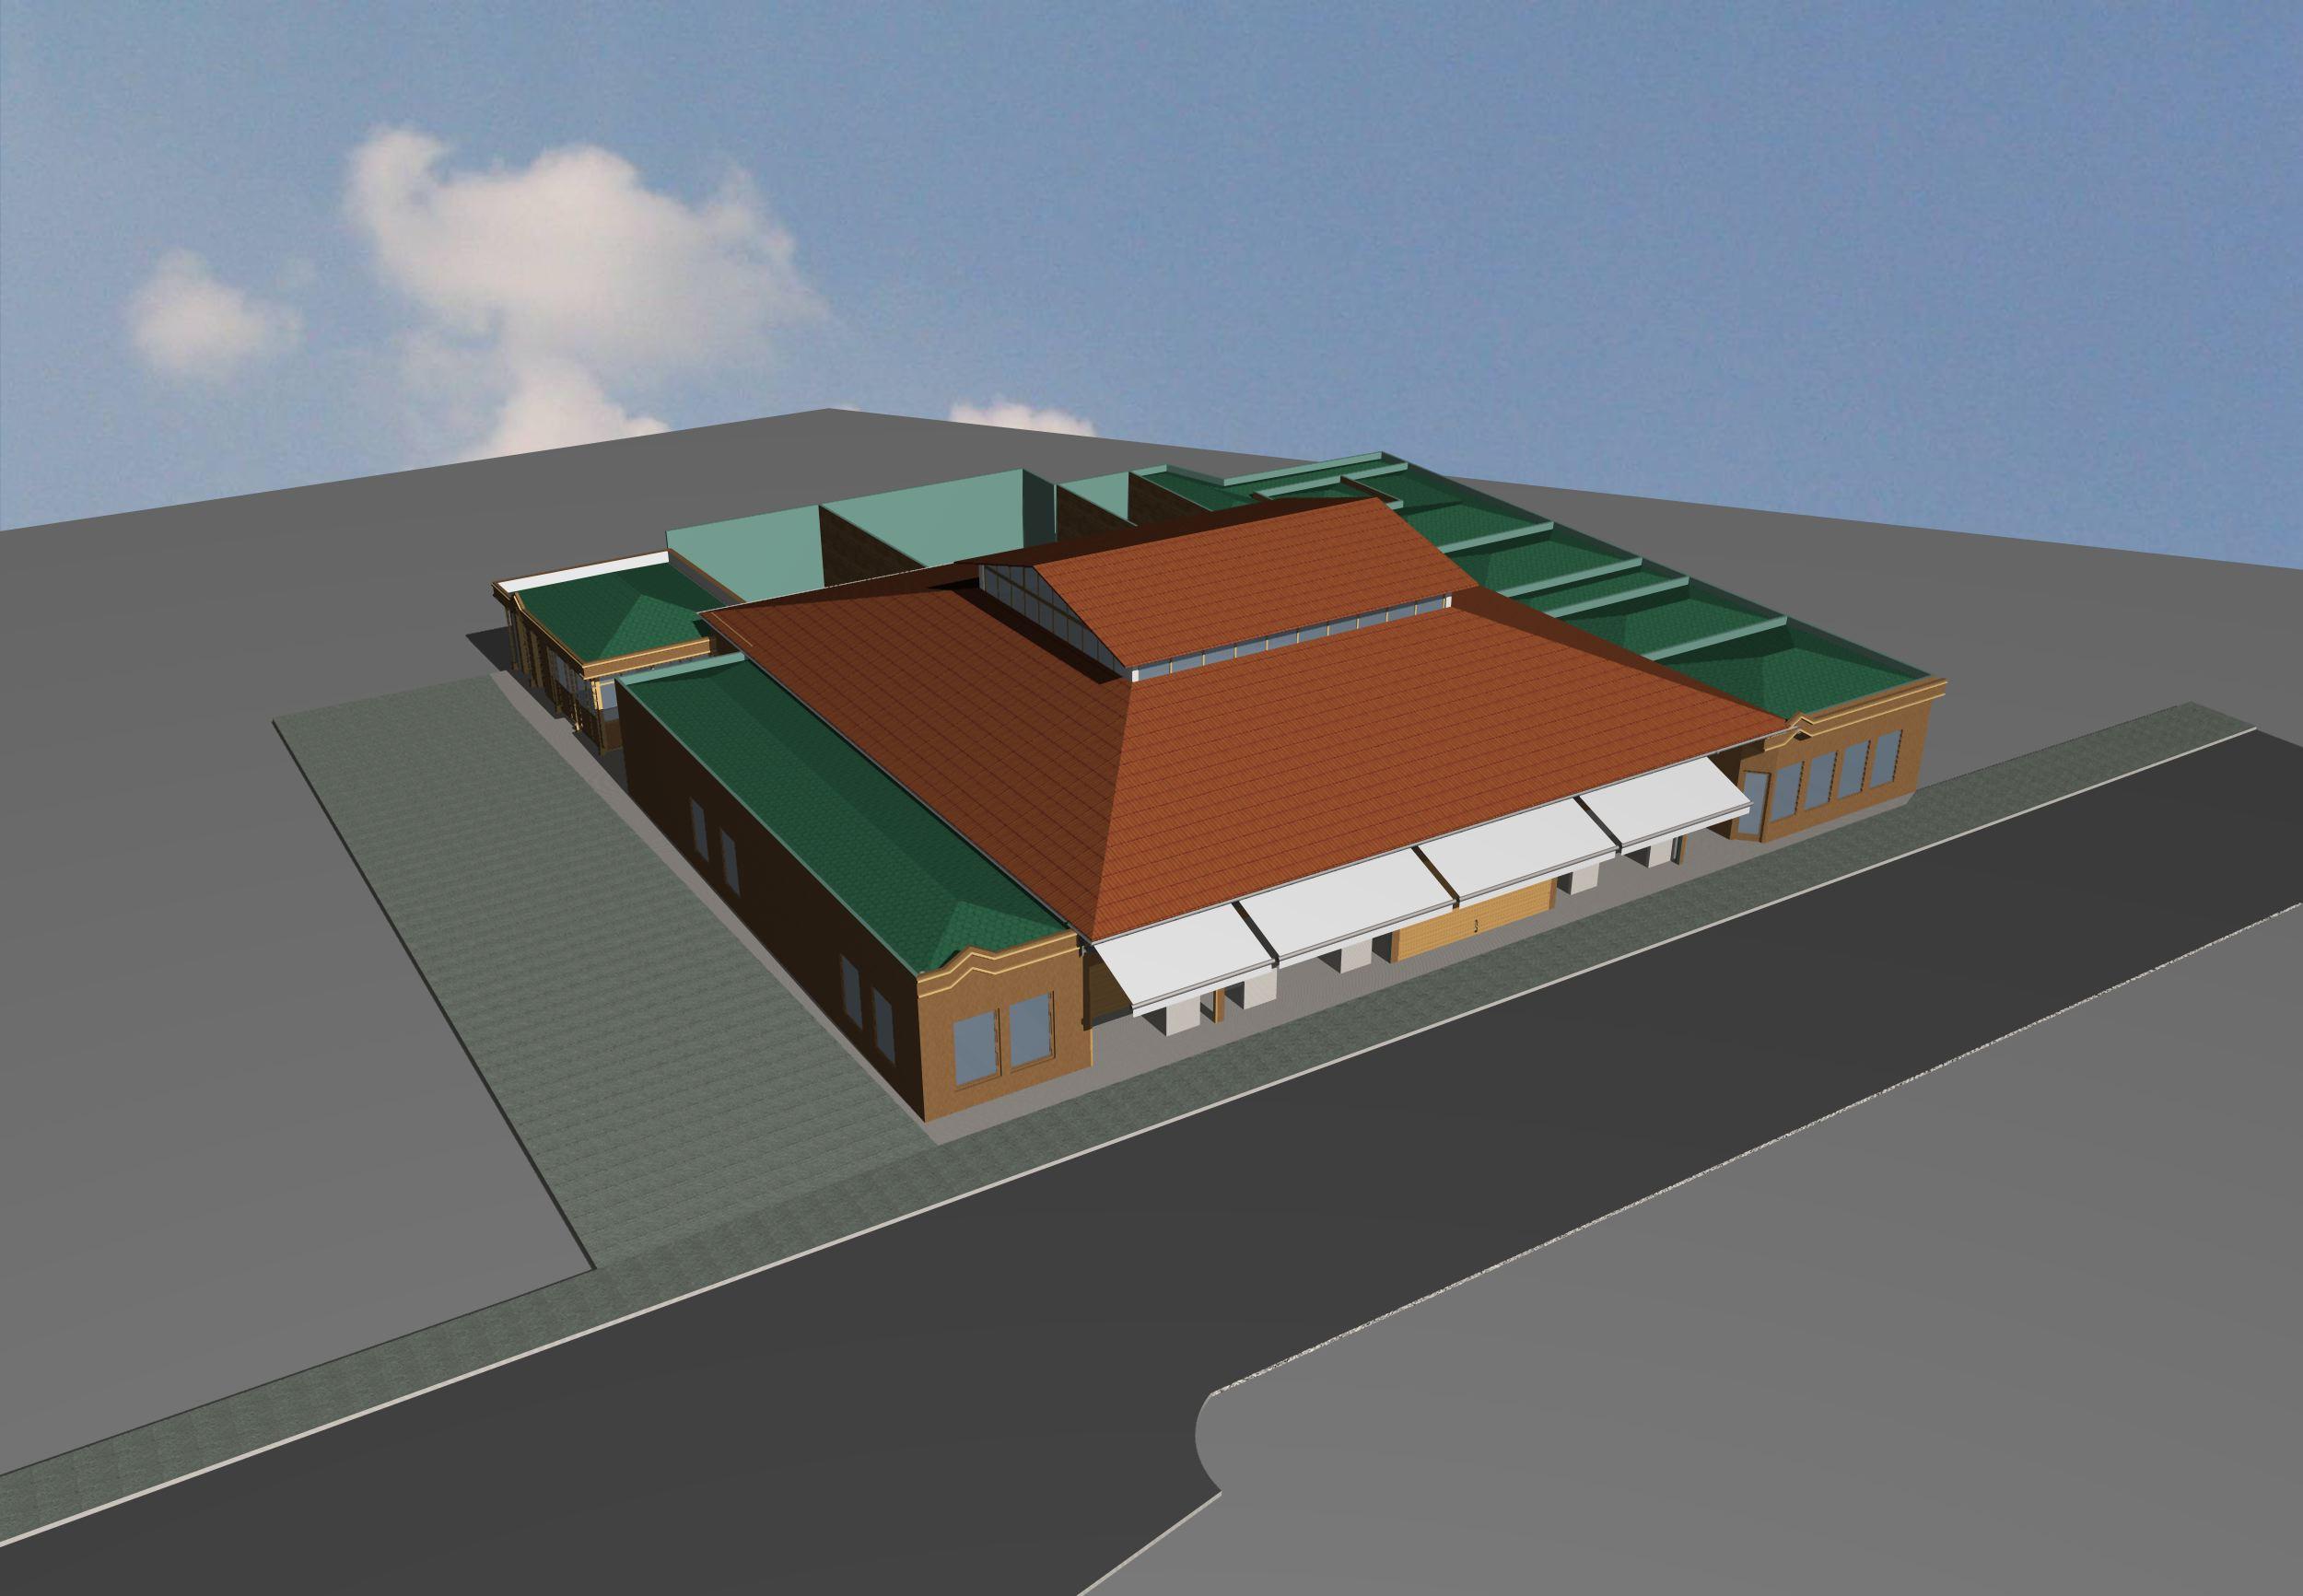 Începe modernizarea Pieţei Gării. Termenul de execuţie a noii clădiri este de şase luni